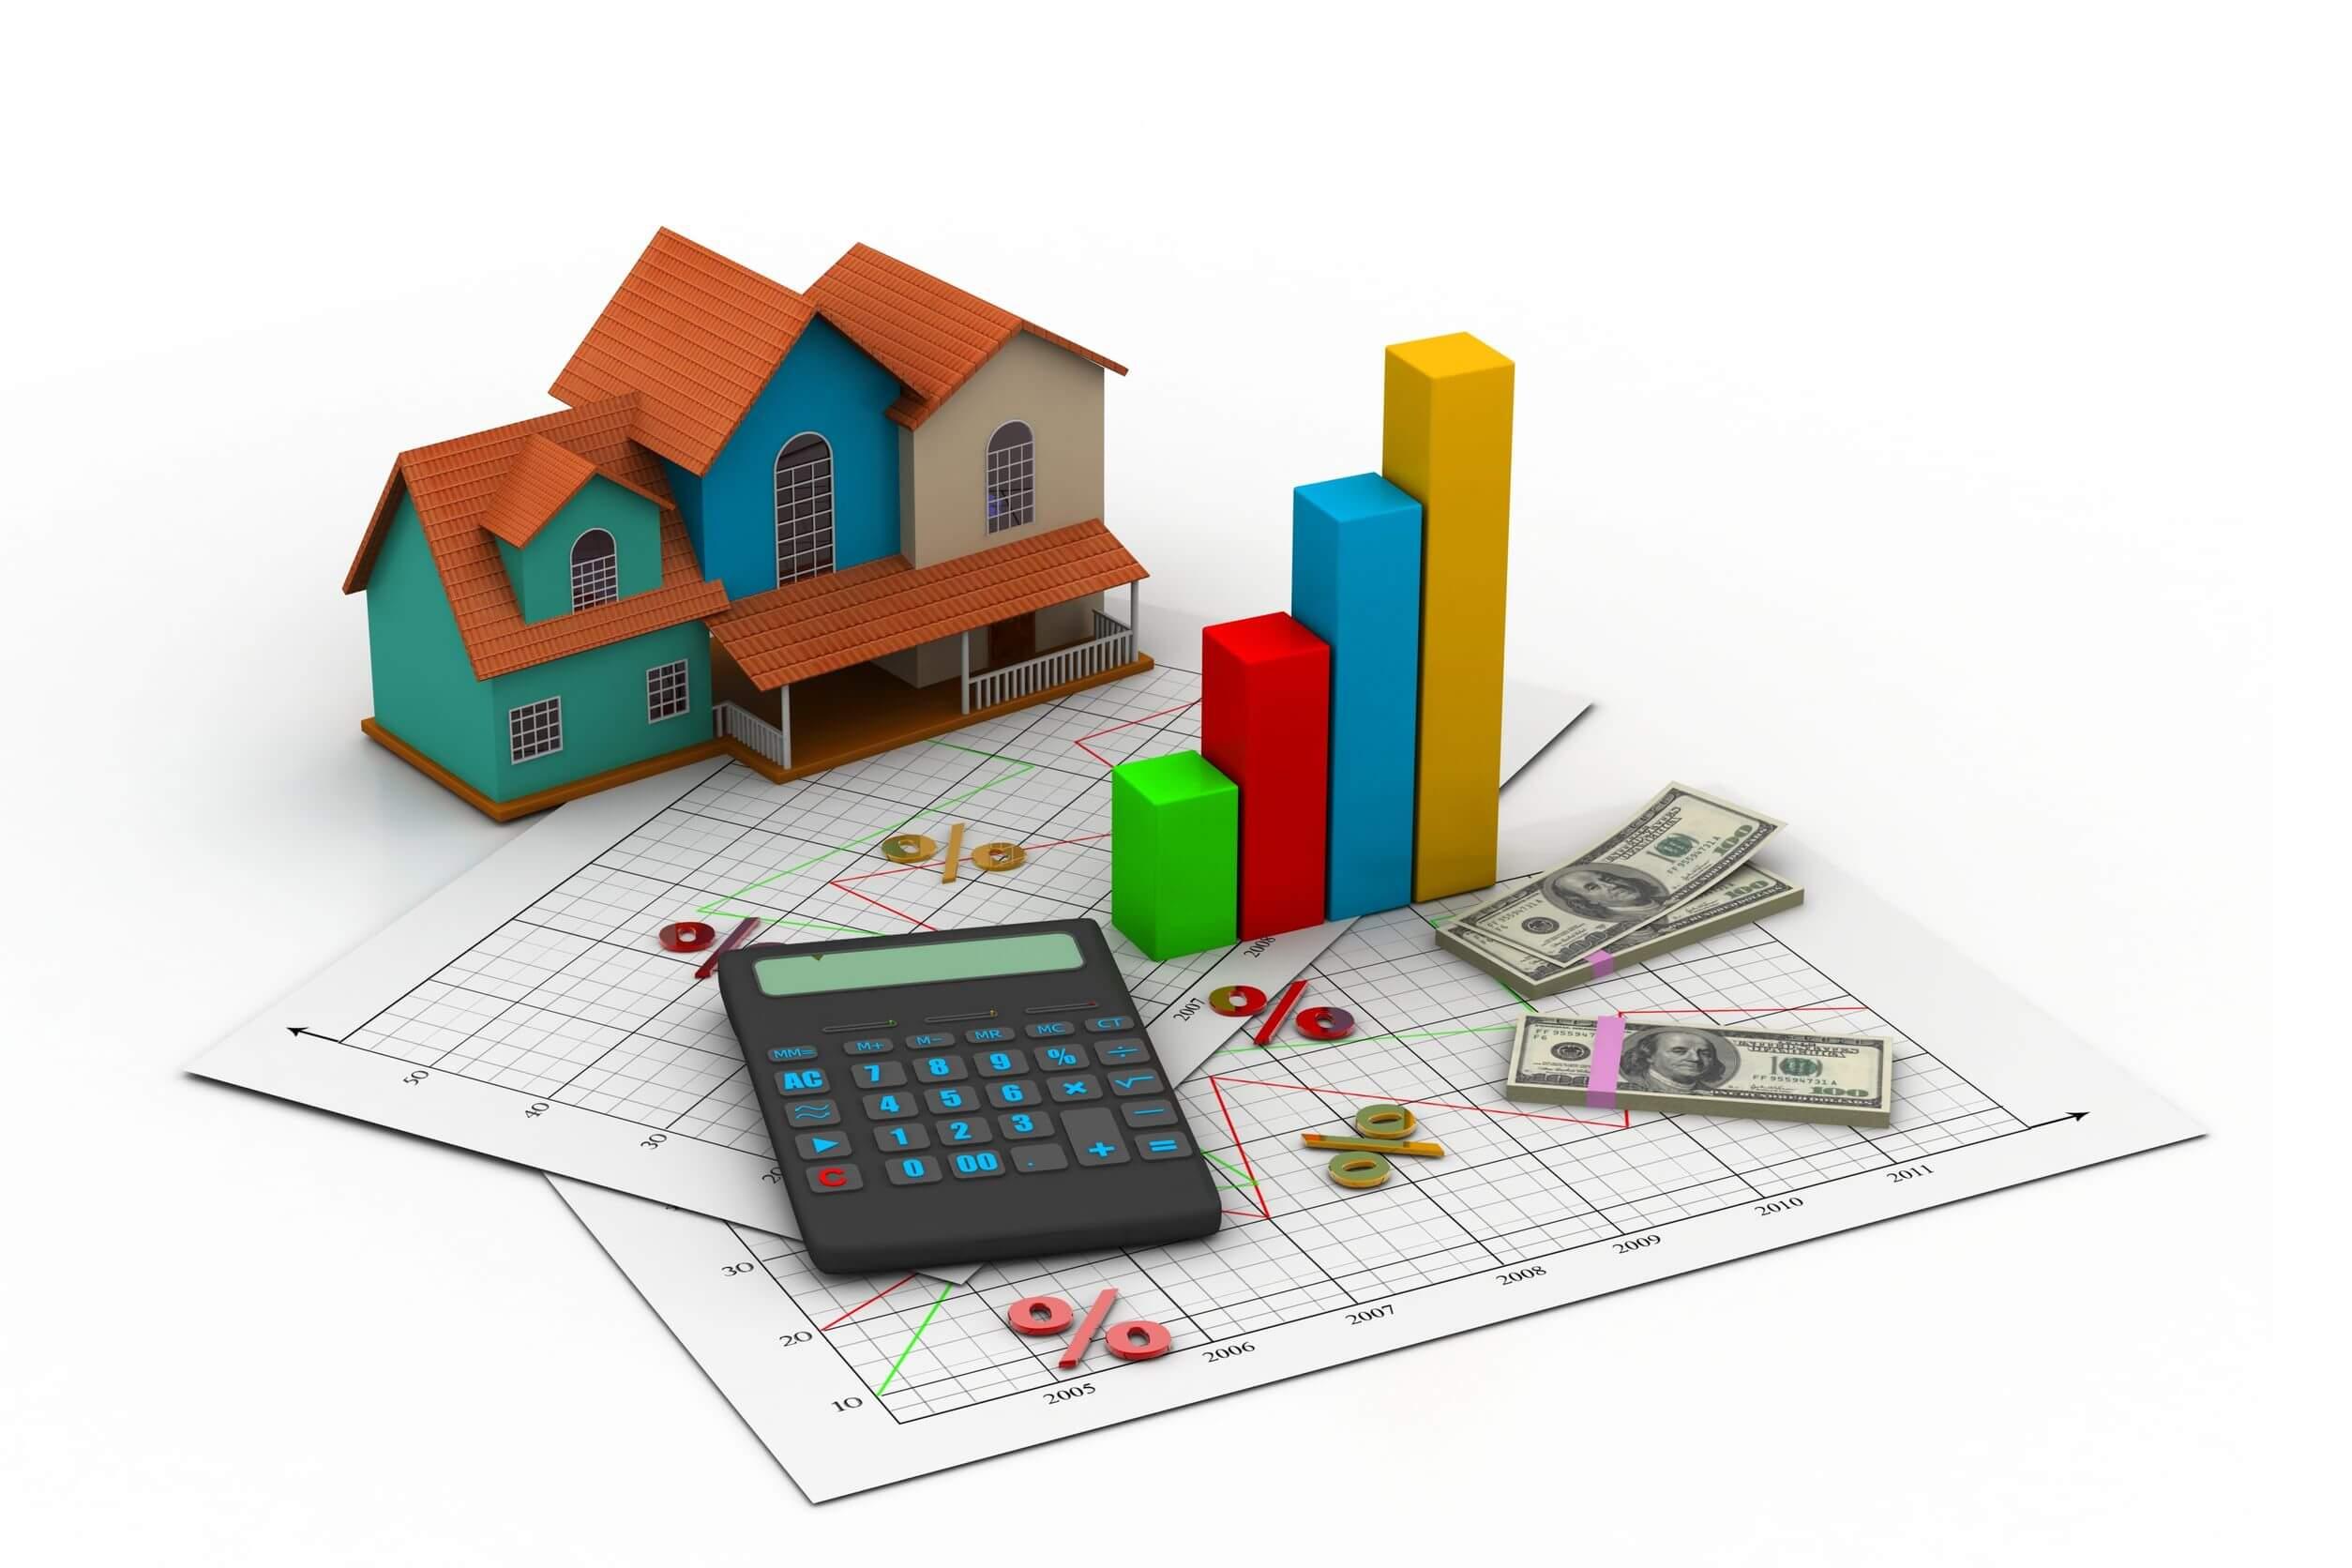 процентная ставка по займу ниже ставки рефинансирования срочно нужны деньги в долг от частного лица в день обращения в москве на карту